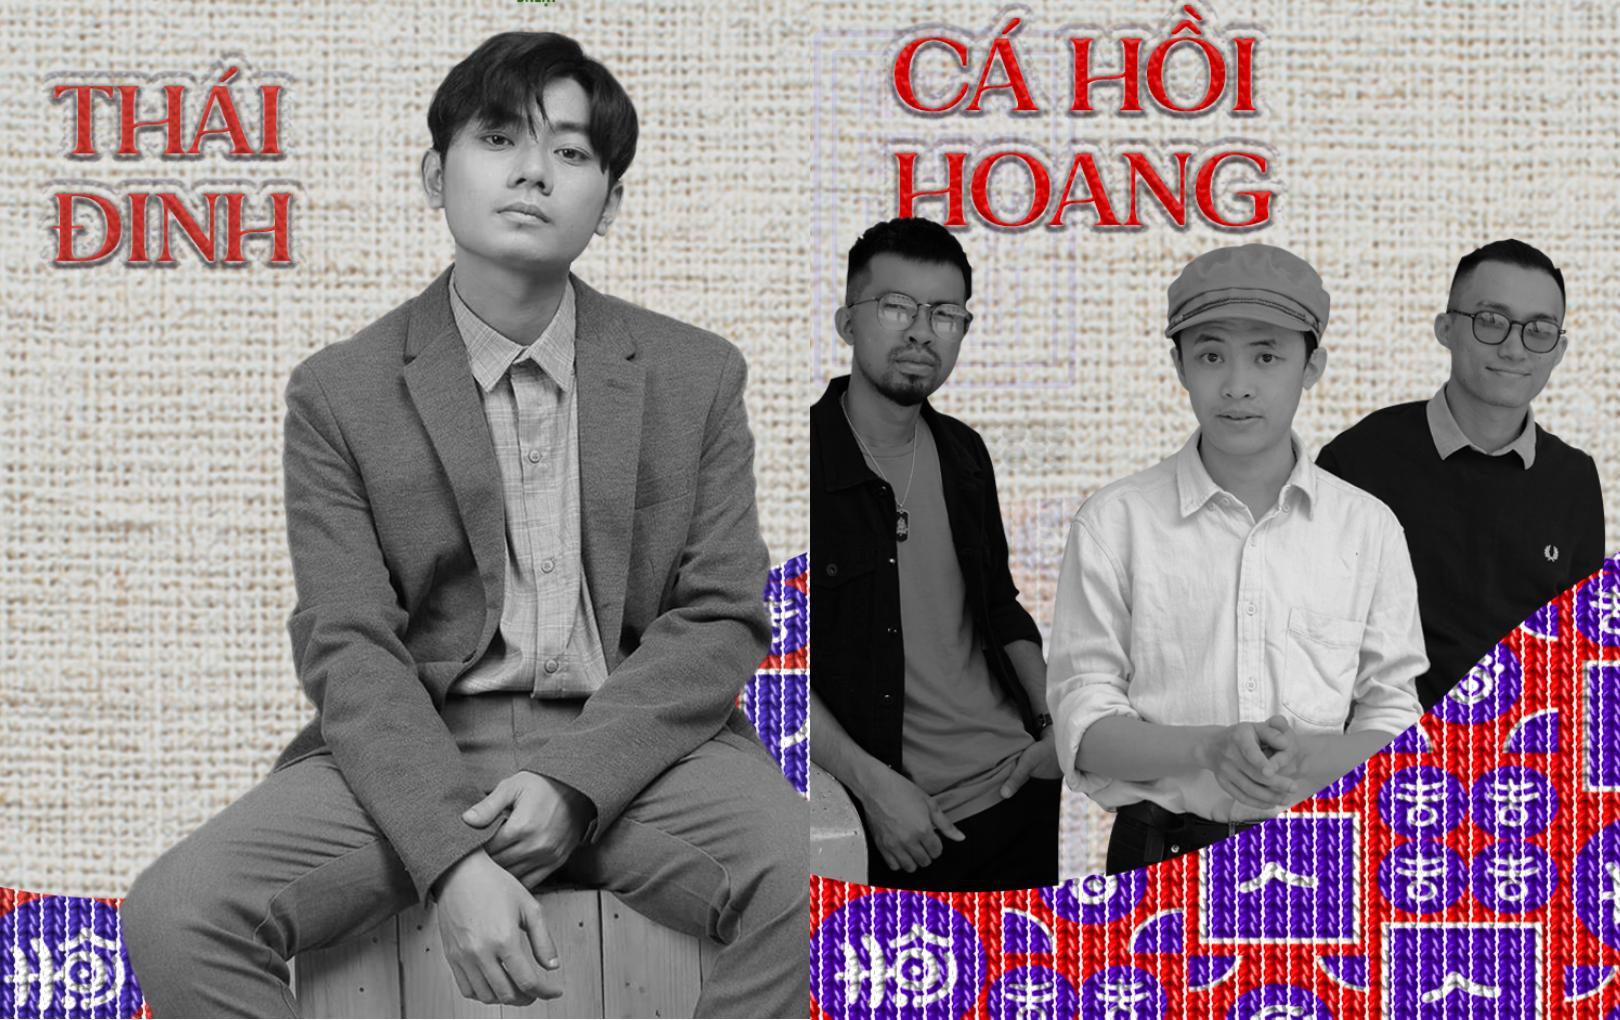 Cá Hồi Hoang, Thái Đinh, Nam Kun cùng dàn nghệ sĩ indie tề tựu trong đêm nhạc tối giao thừa tại Đà Lạt